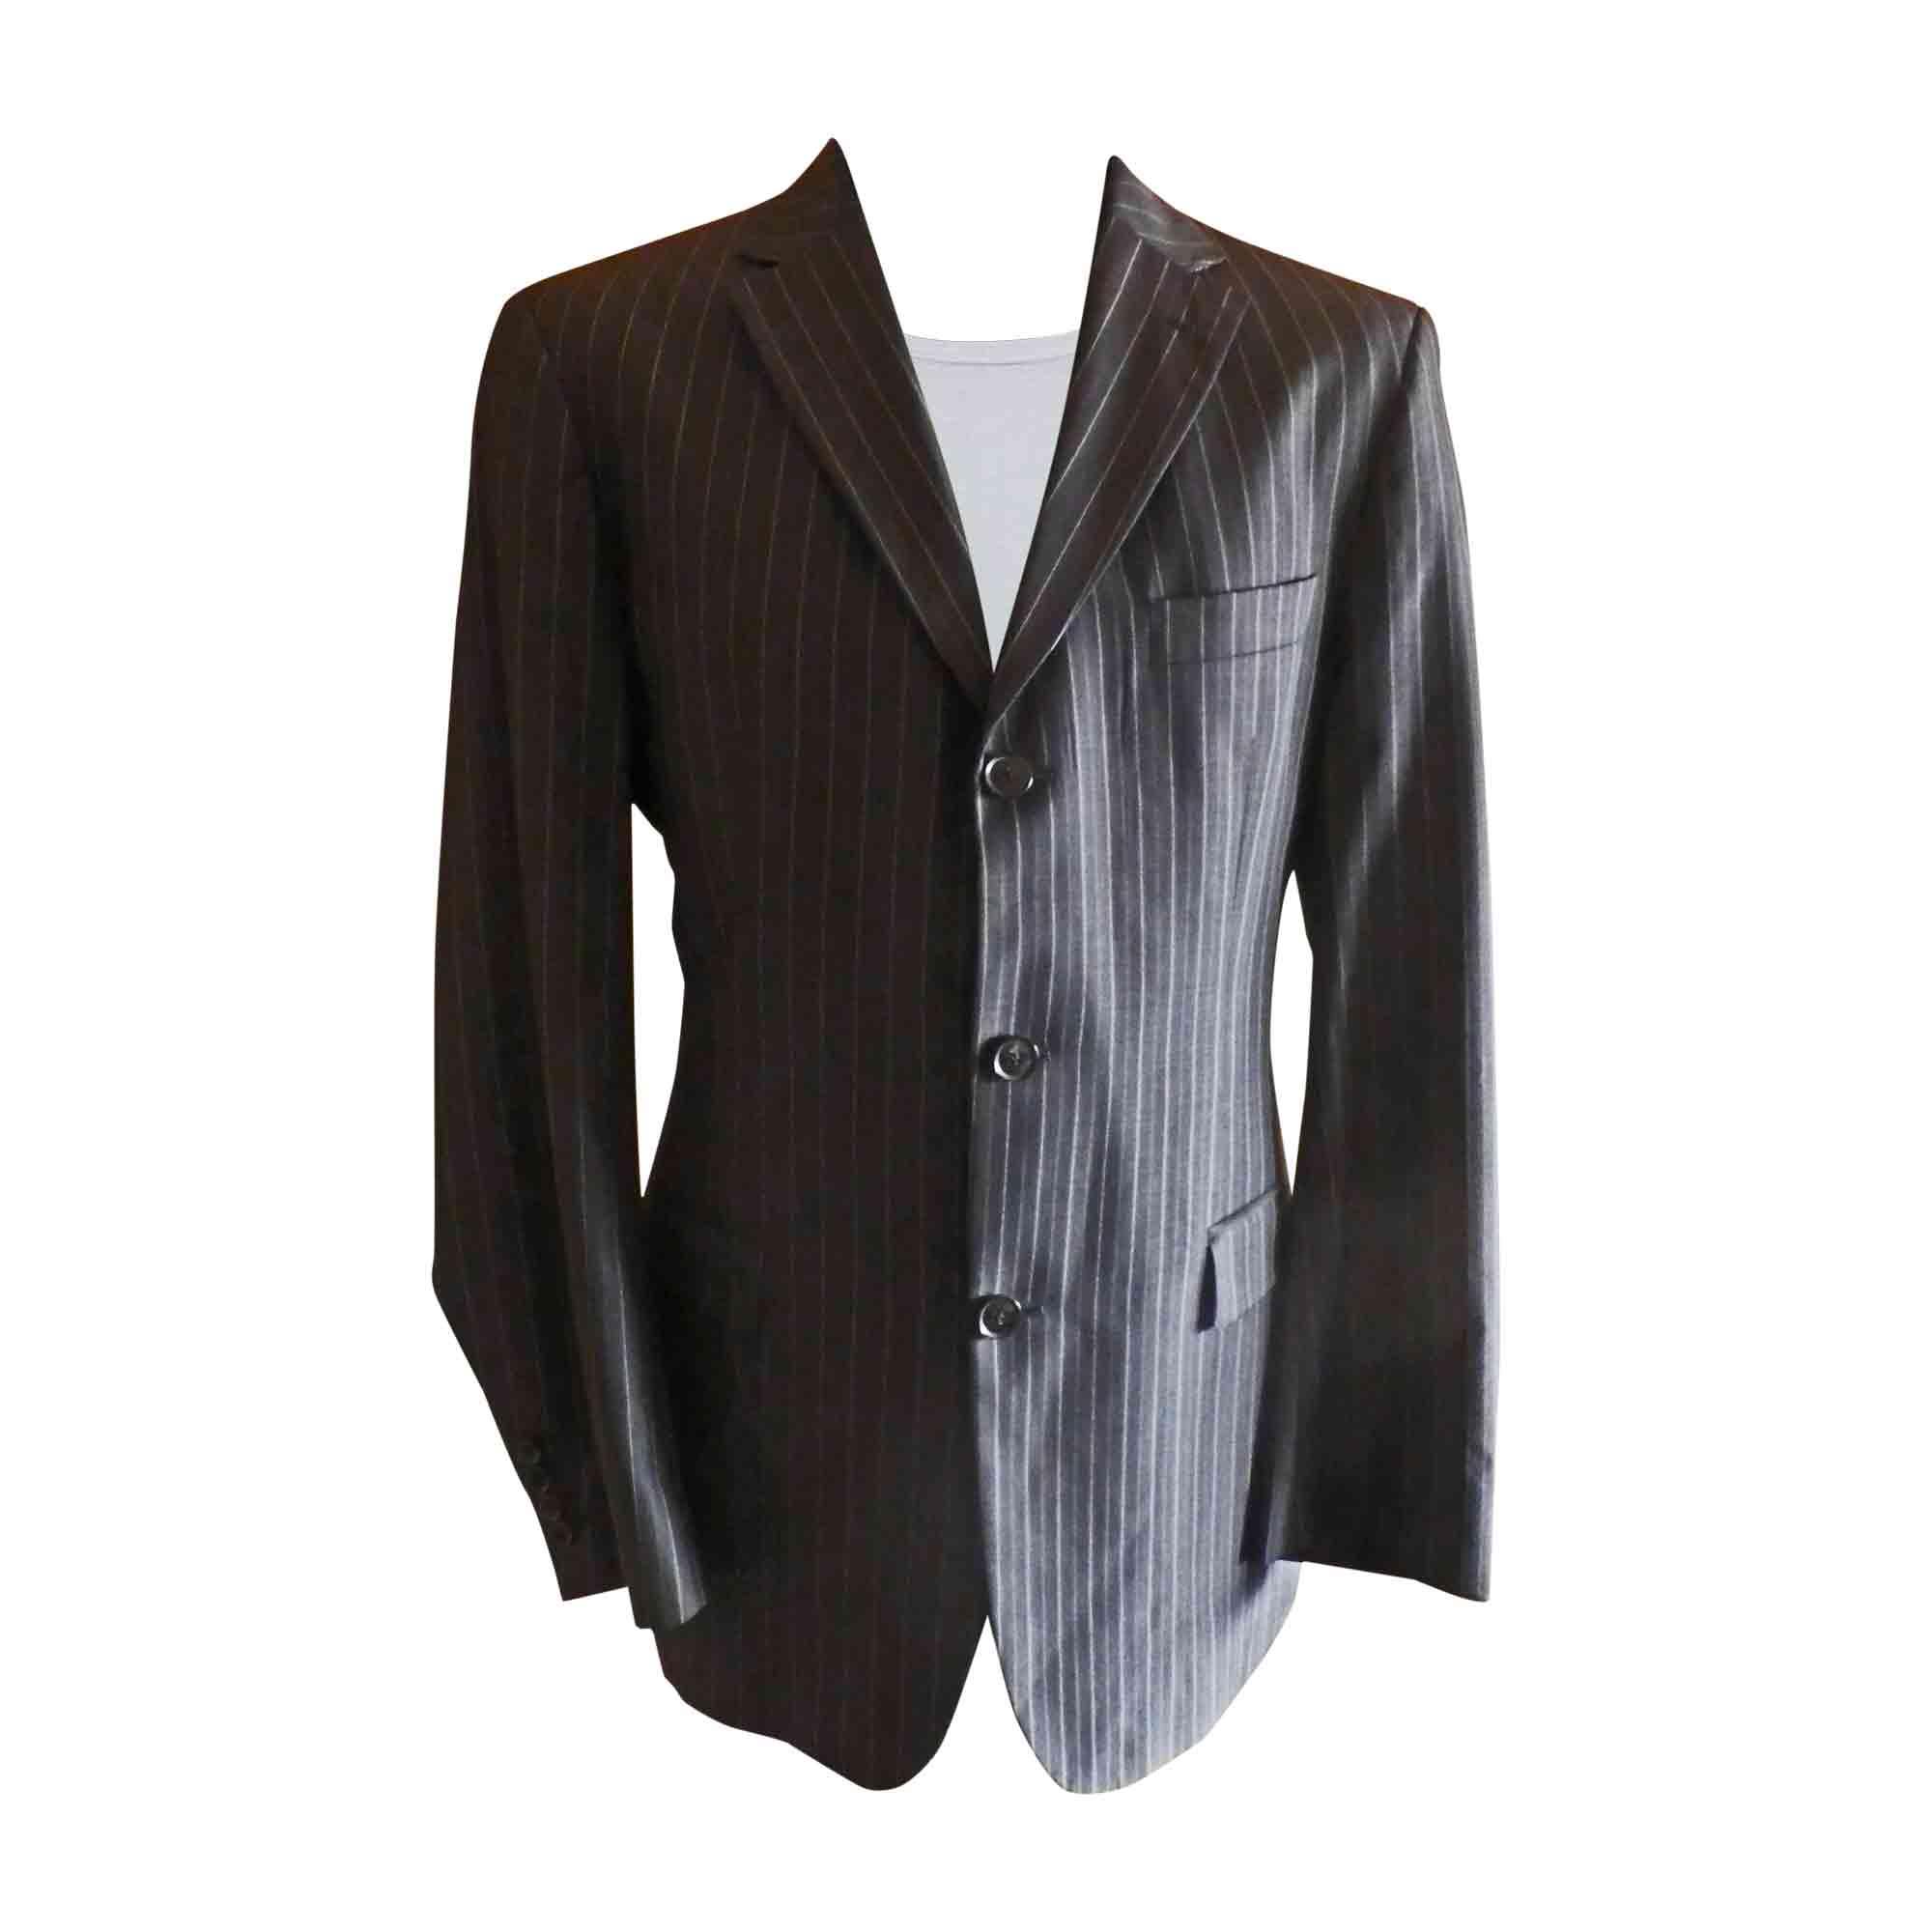 veste hugo boss 50 m gris 5553720. Black Bedroom Furniture Sets. Home Design Ideas